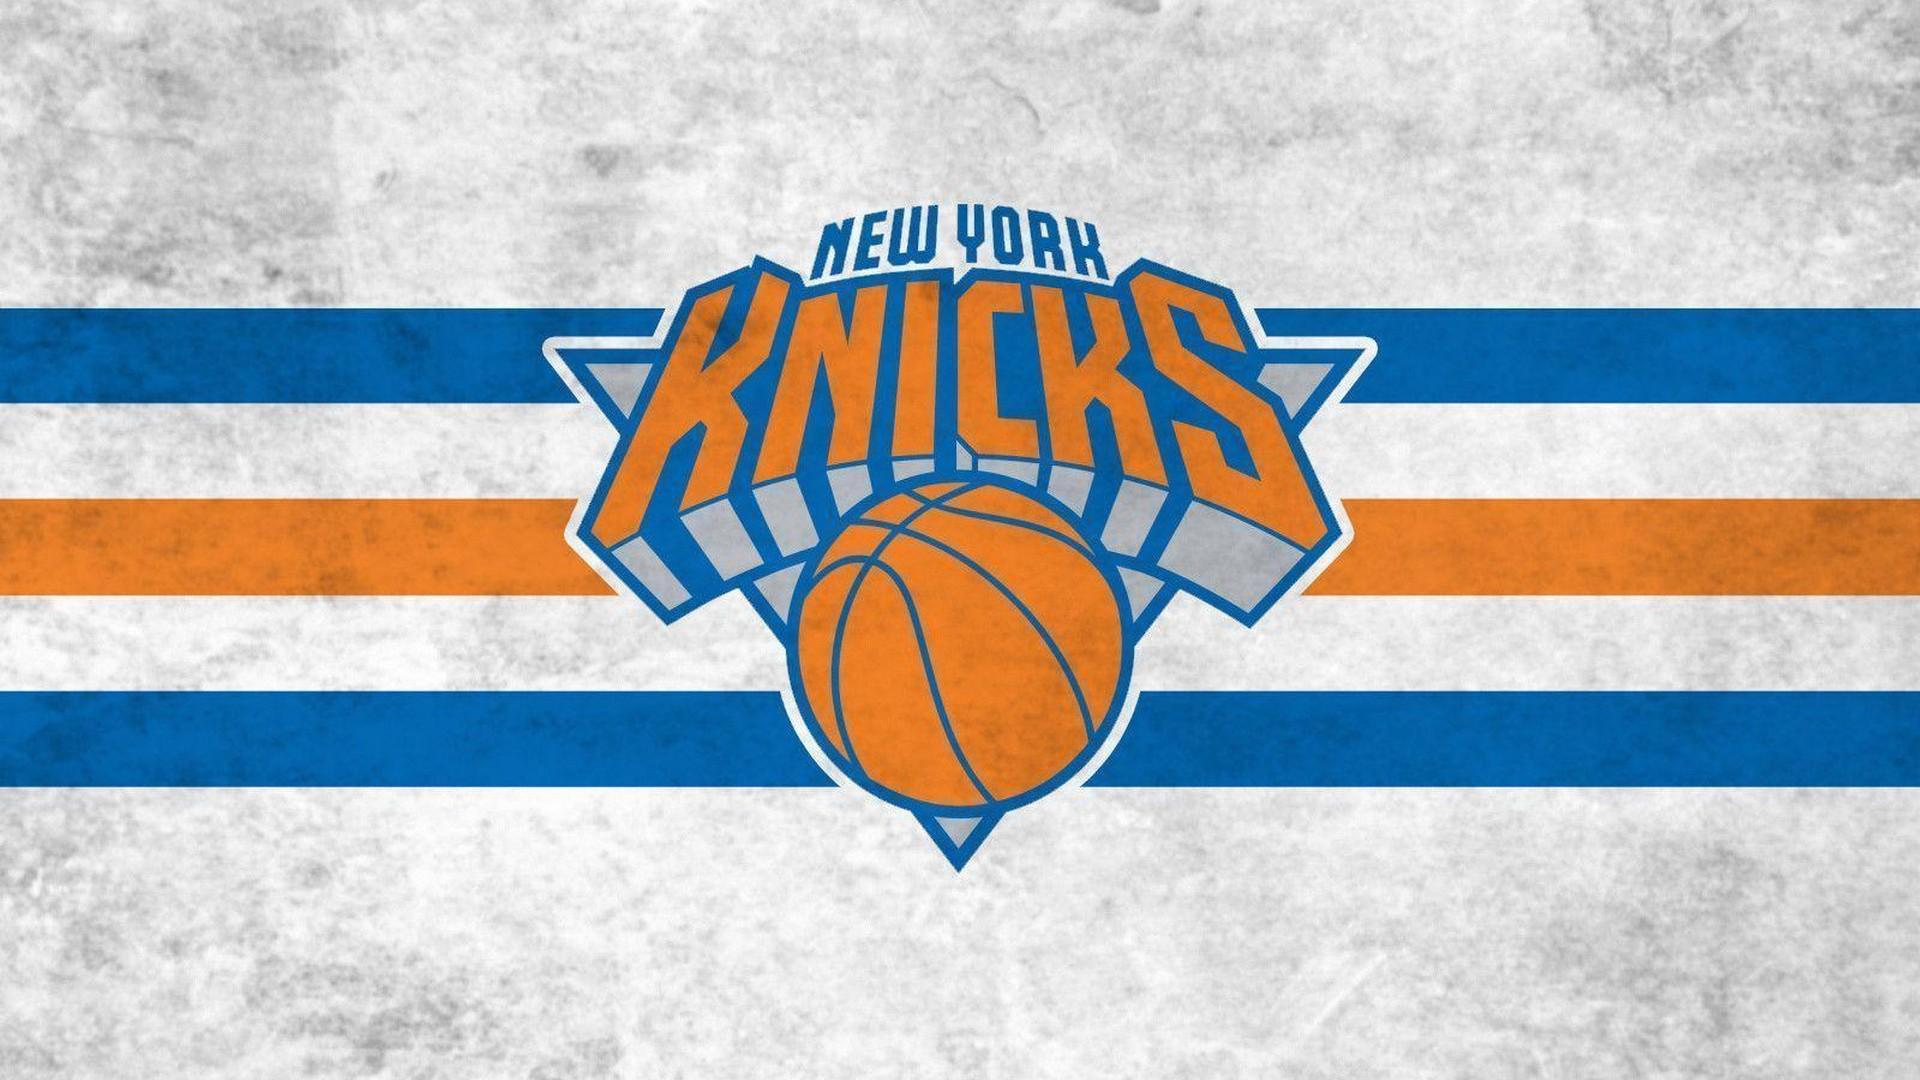 Knicks Iphone Wallpaper New York Knicks Wallpaper Hd 2019 Basketball Wallpaper